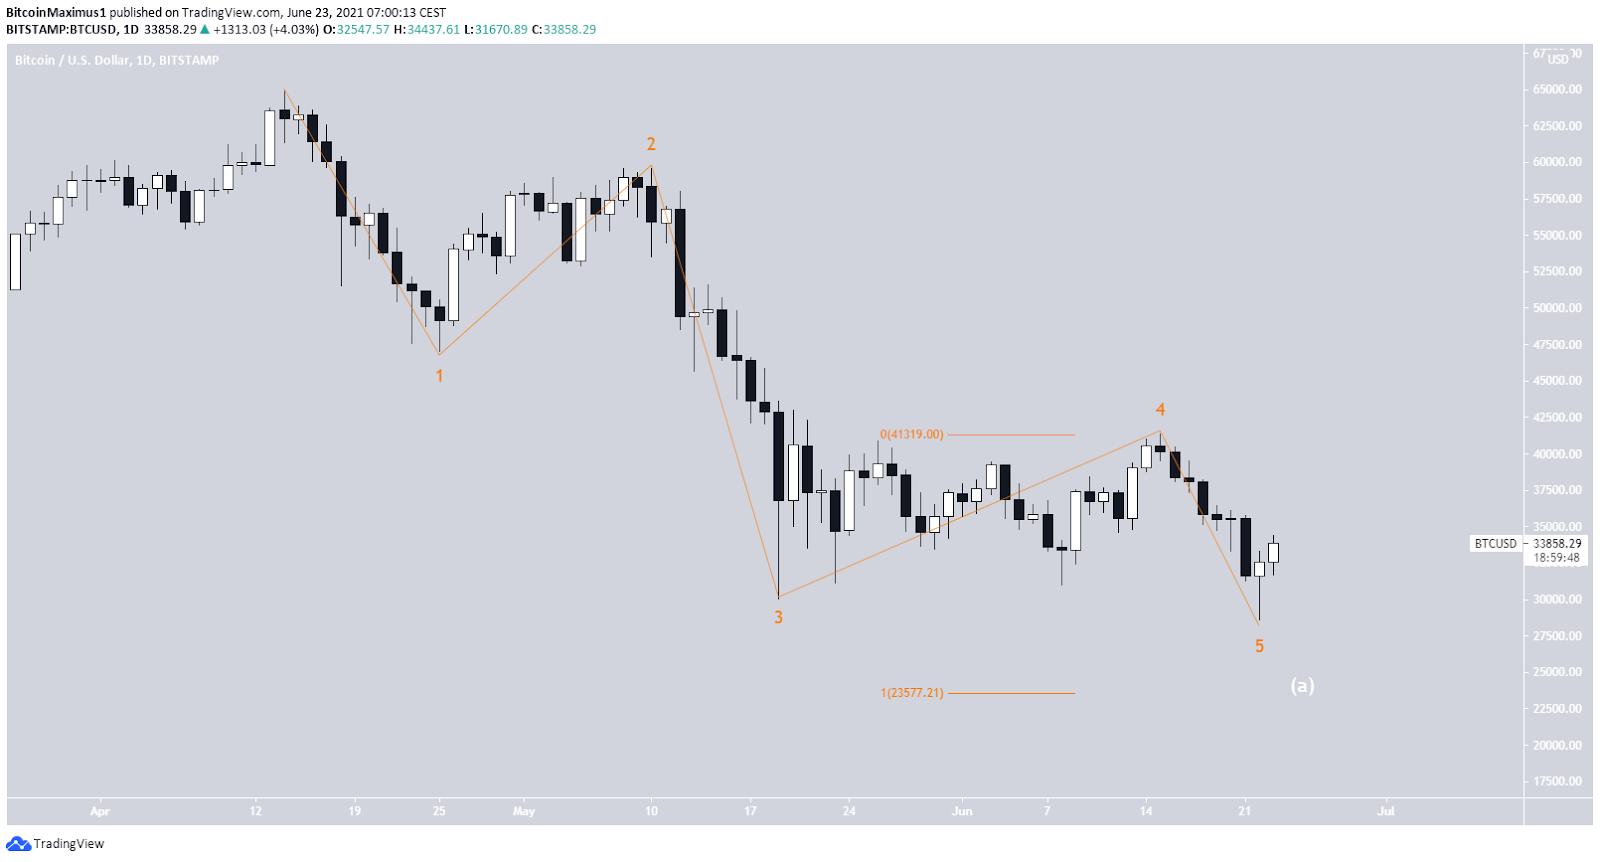 Bitcoin Preis Kurs Wellenzählung 1 23.06.2021